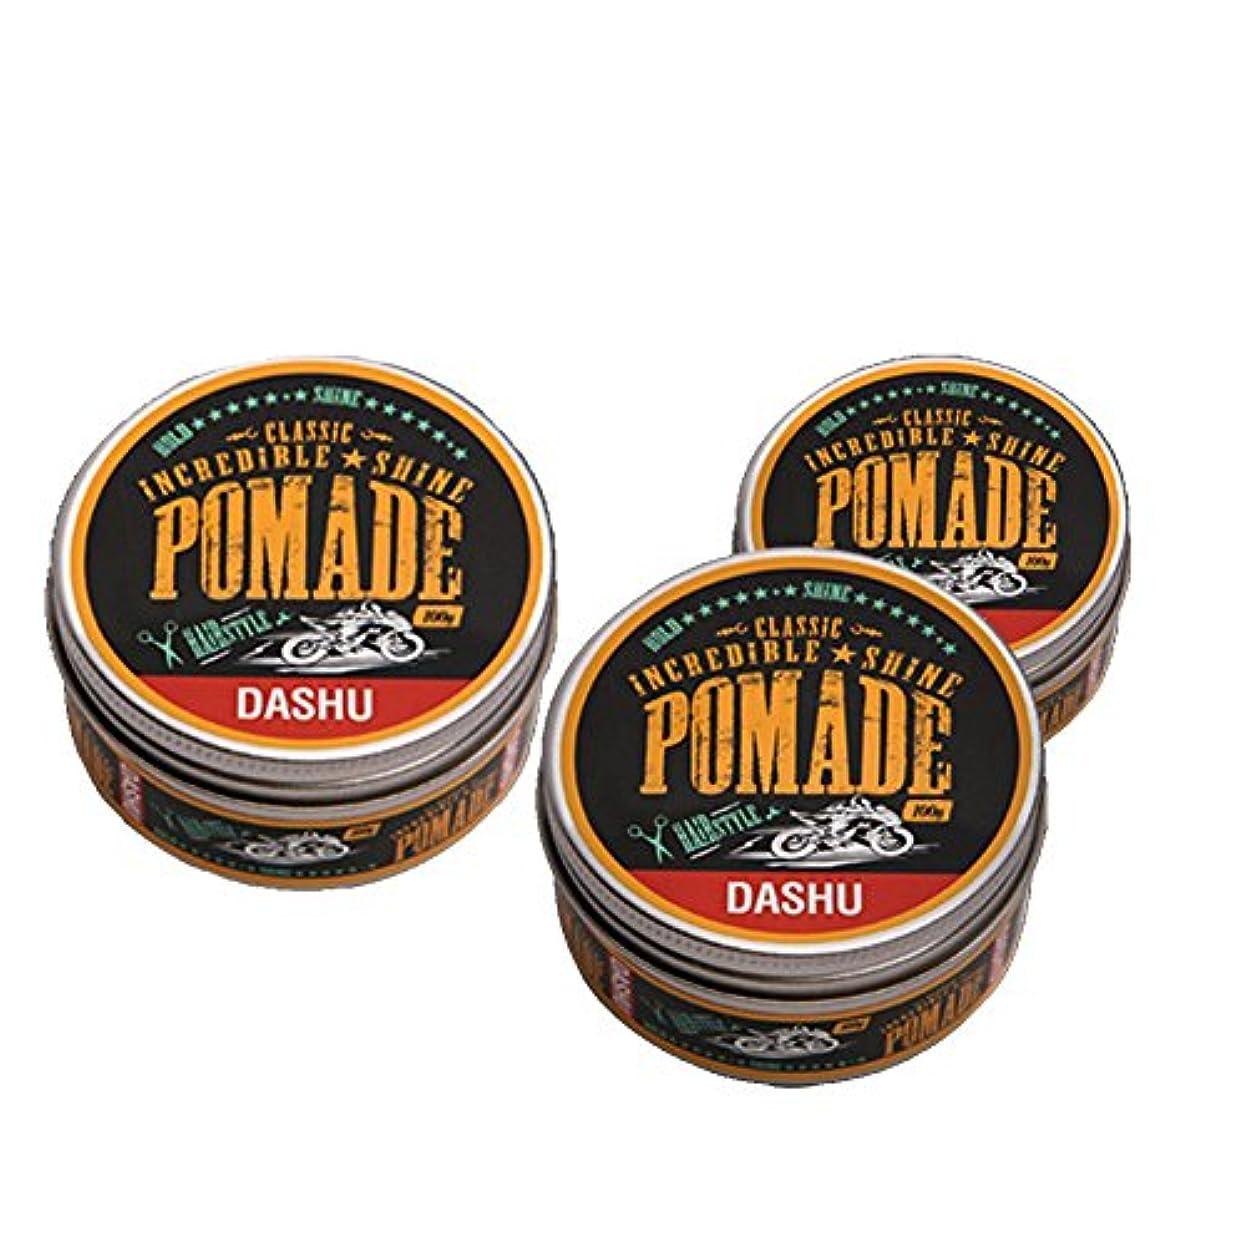 観察する故国ベッツィトロットウッド(3個セット) x [DASHU] ダシュ クラシック 信じられないほどの輝き ポマードワックス Classic Incredible Shine Pomade Hair Wax 100ml / 韓国製 . 韓国直送品